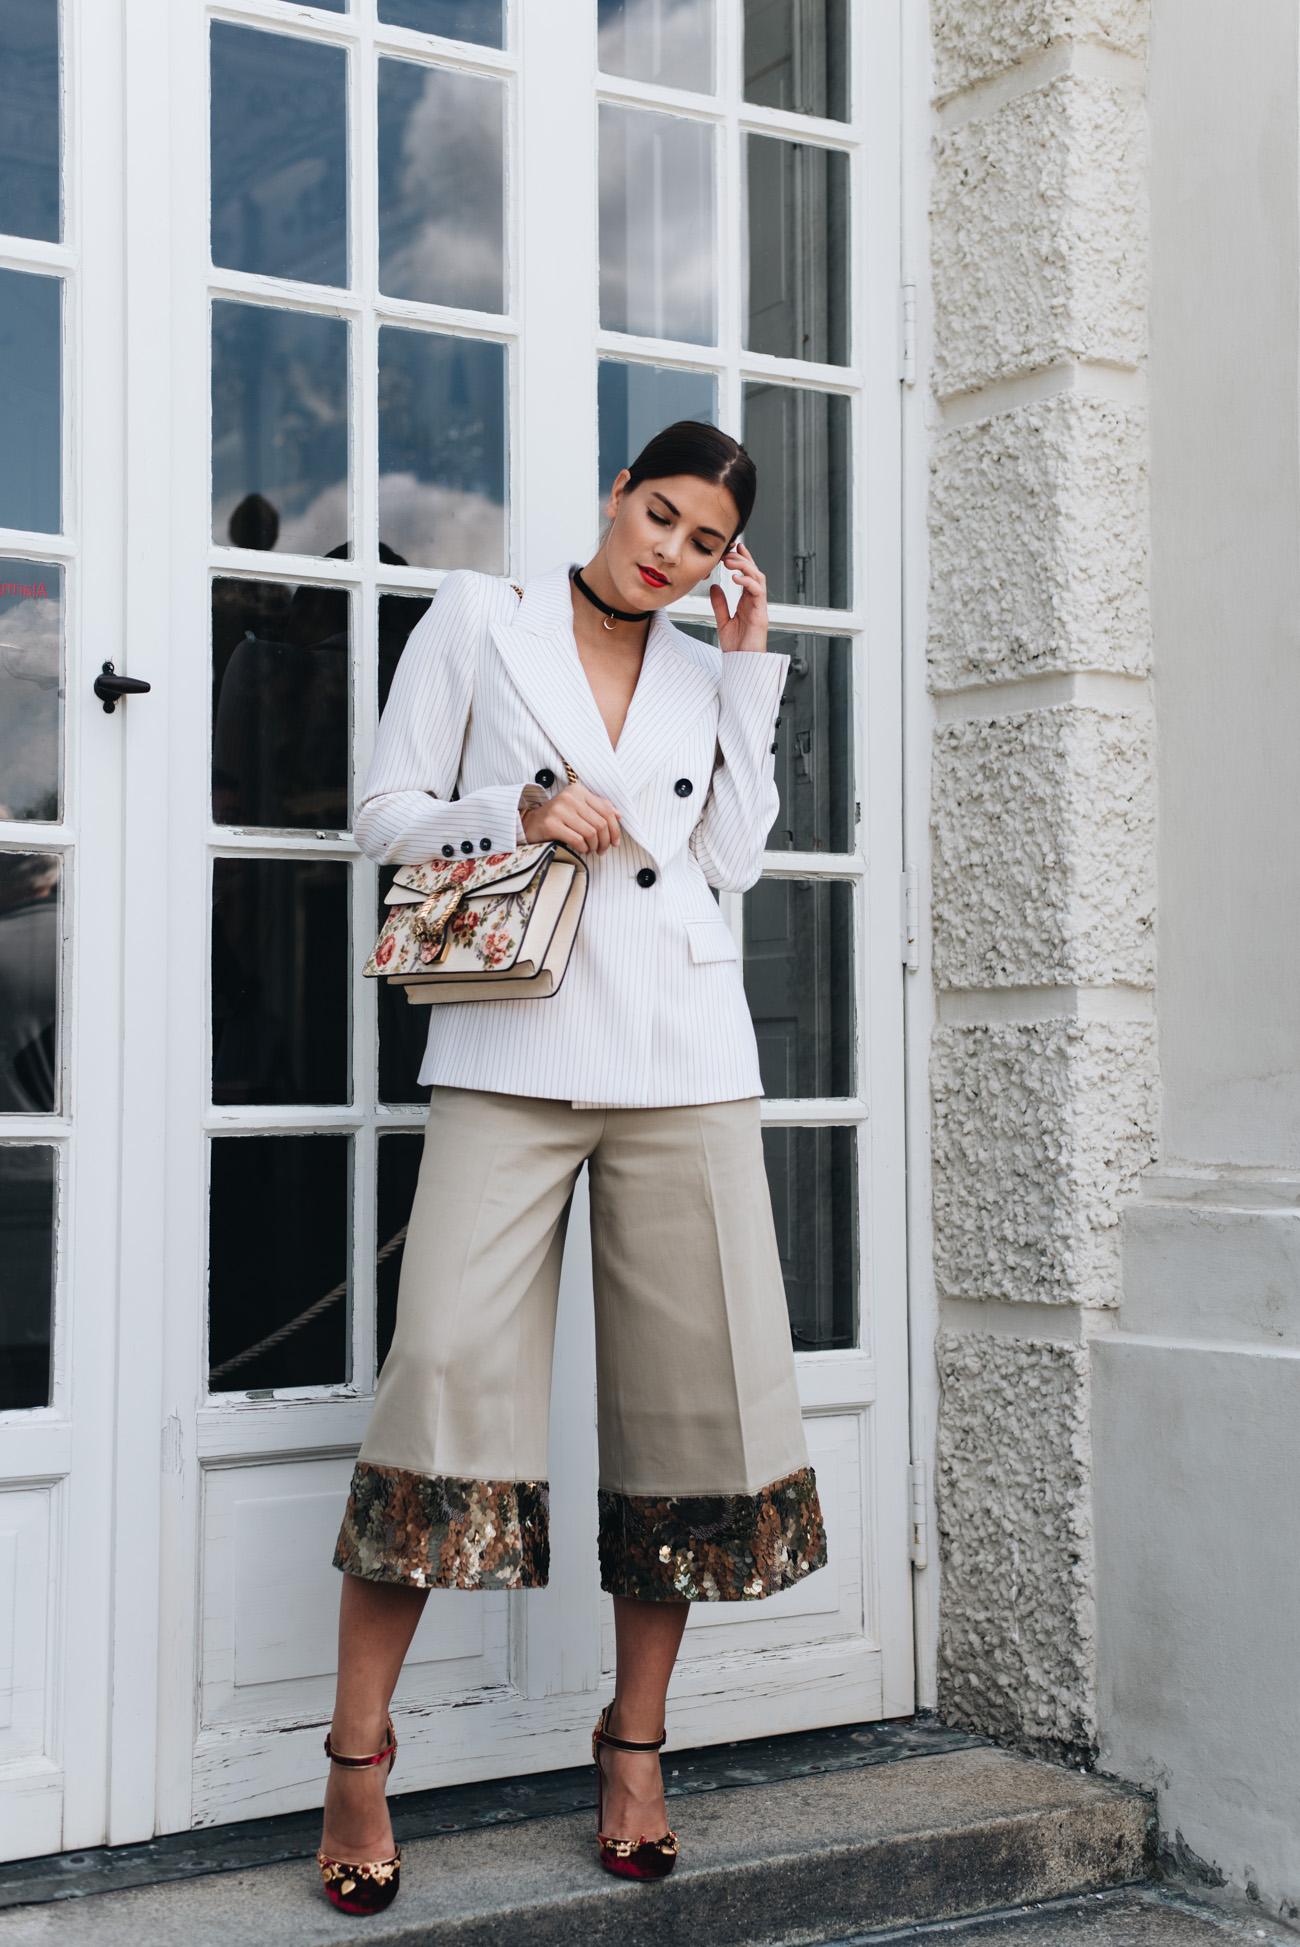 mode-blogs-deutschland-fashionblogs-münchen-gute-qualität-hohe-reichweite-nina-schwichtenberg-fashiioncarpet